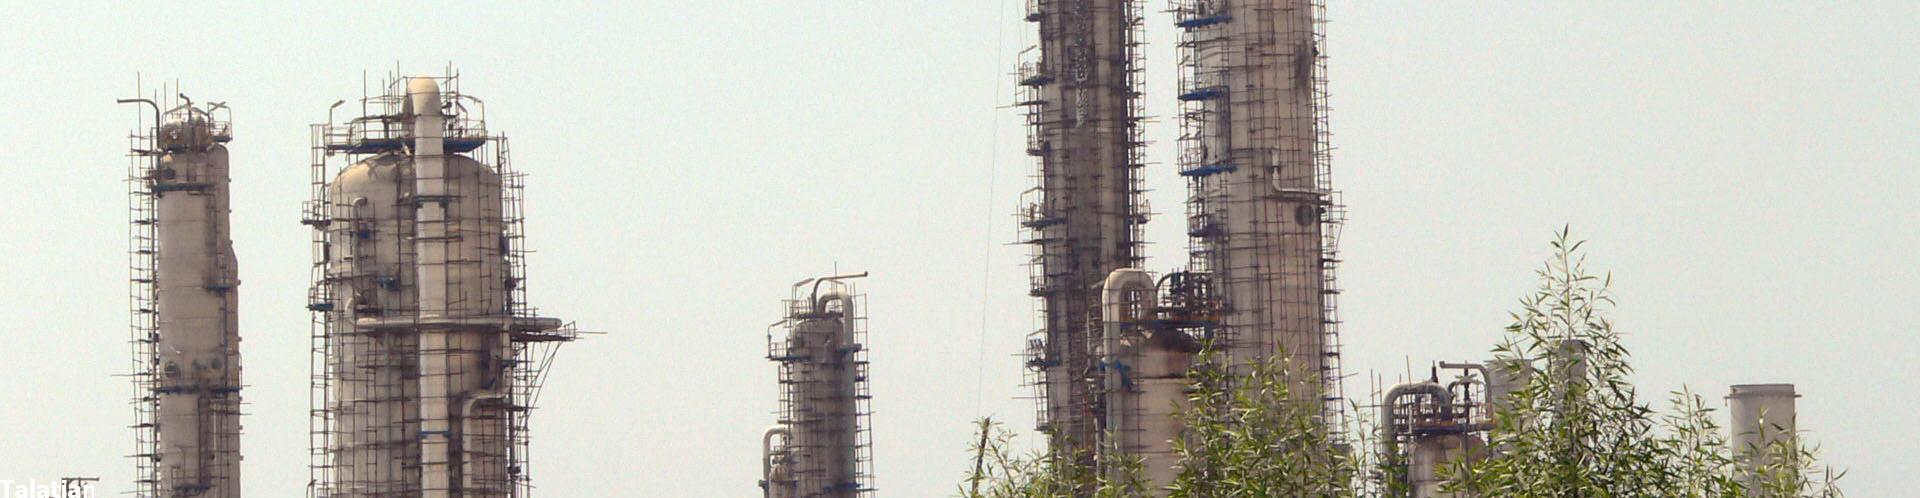 سازمان صنعت، معدن و تجارت استان بوشهر